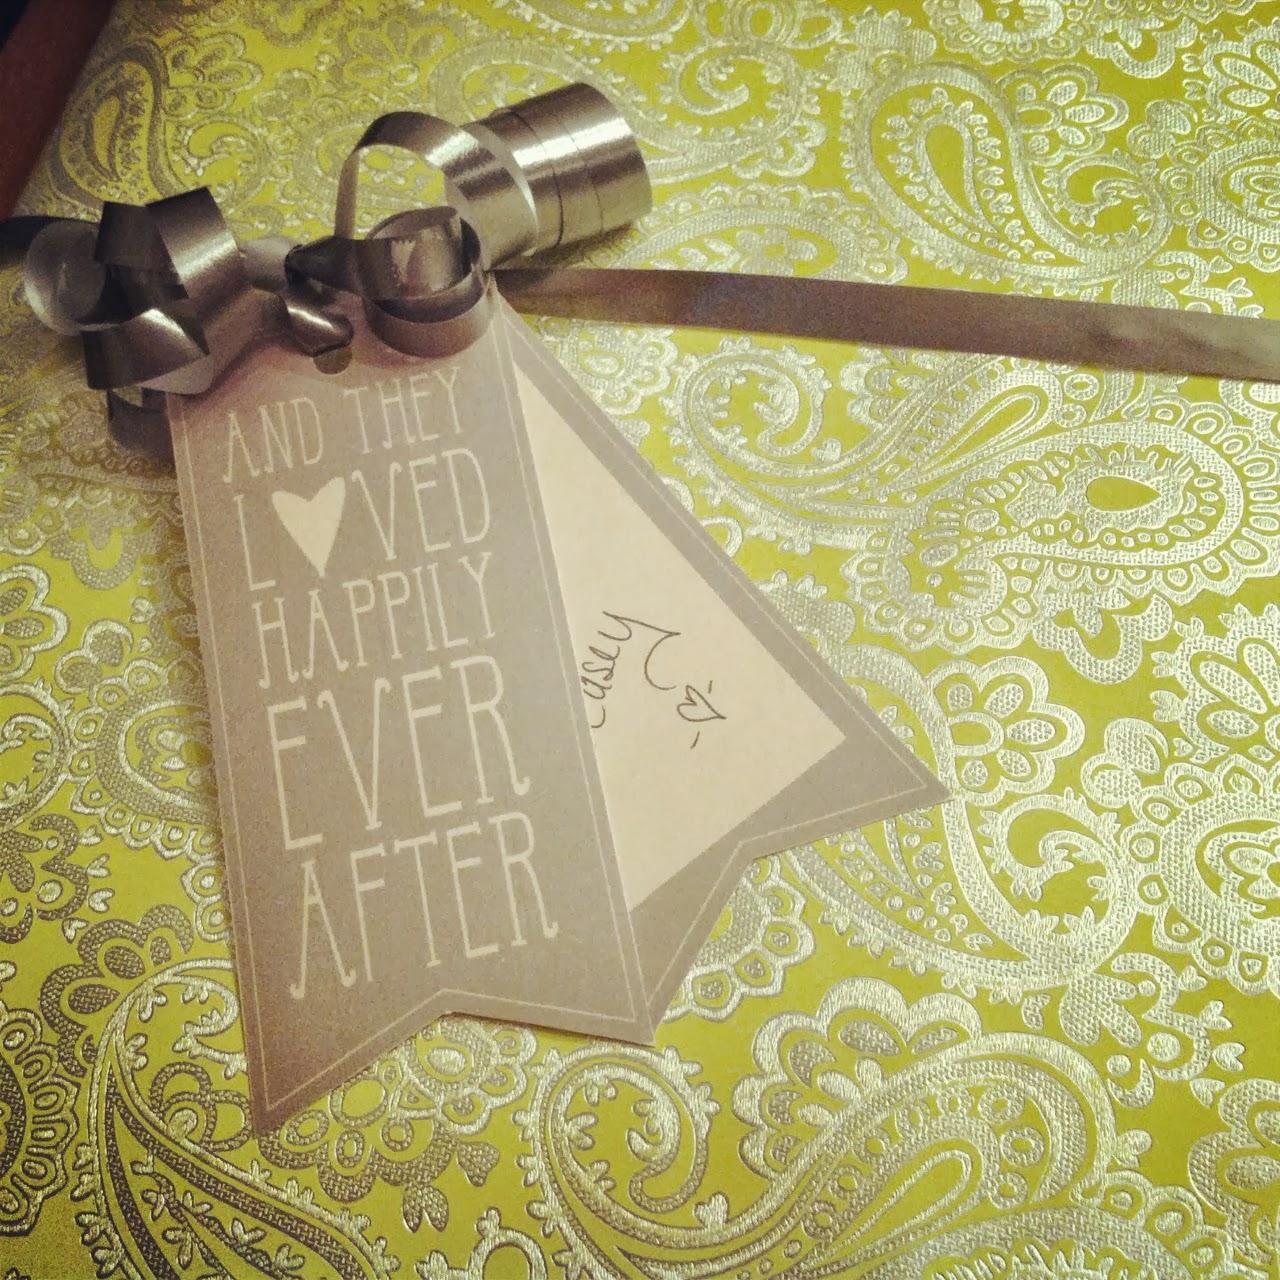 Wedding Gift Tags : Wedding Gift Tags - Printable Template Wherever Life Takes Us